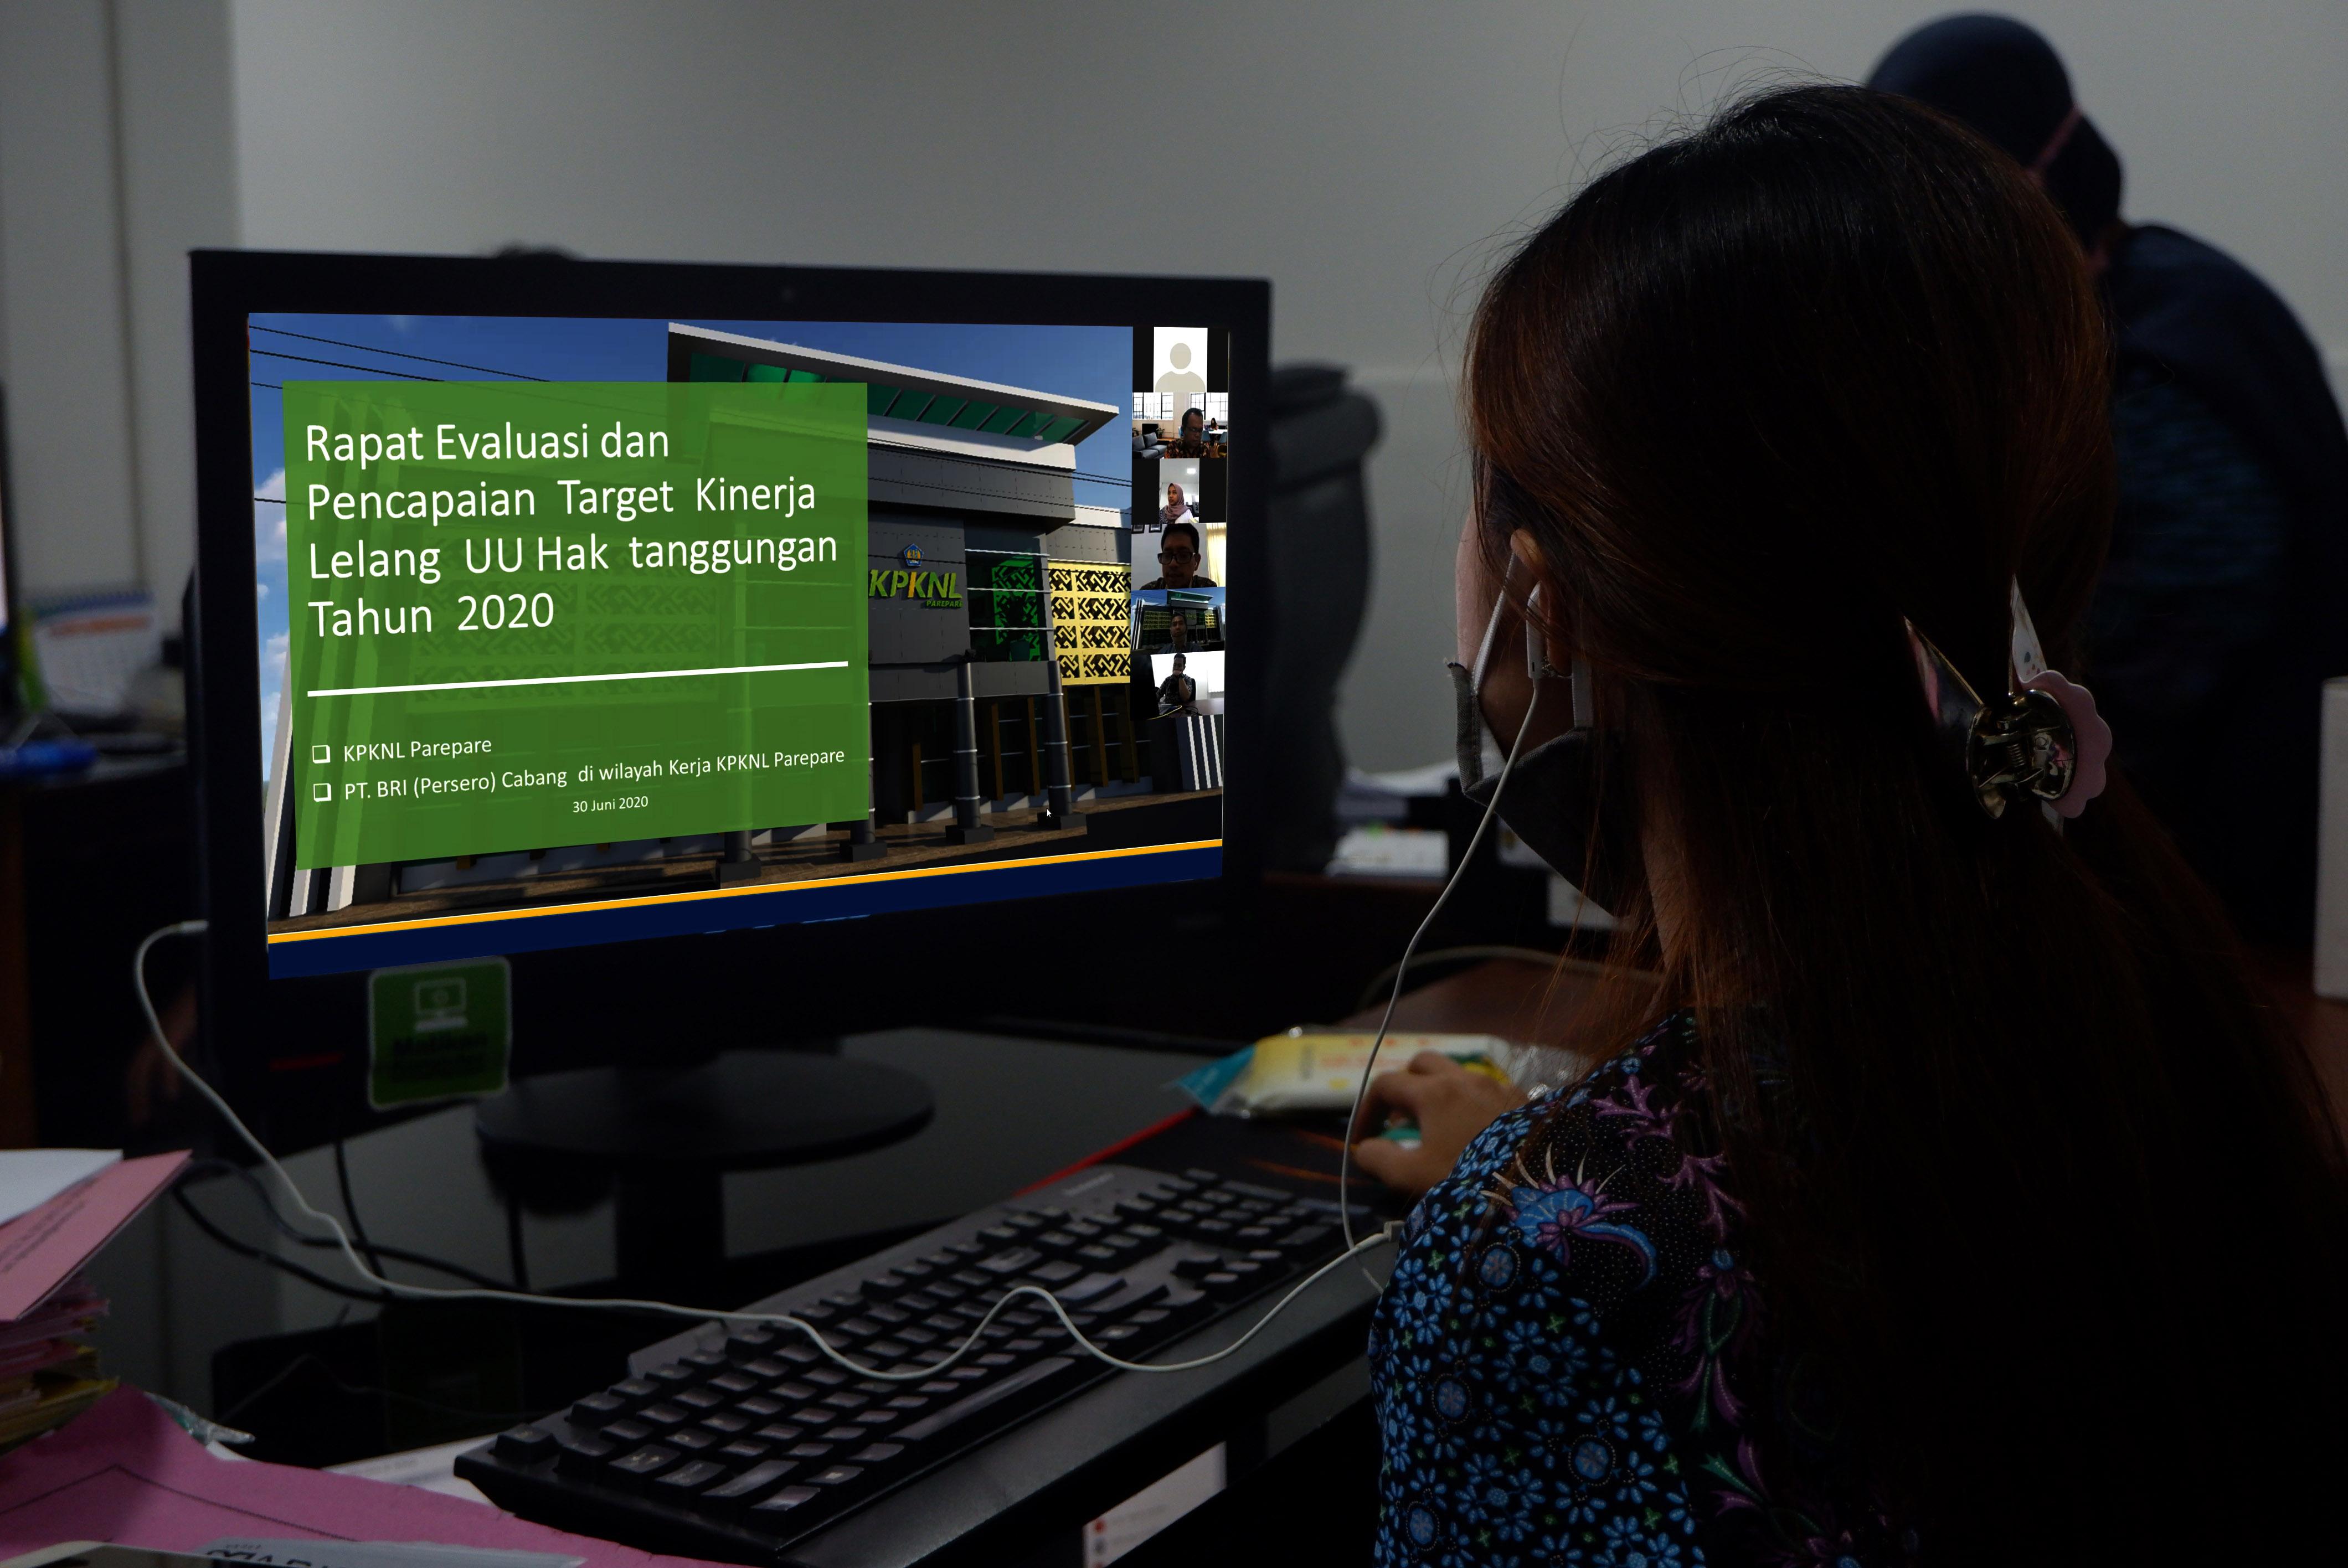 Sinergi KPKNL Parepare dan Stakeholders, untuk Capaian Lelang Lebih Optimal